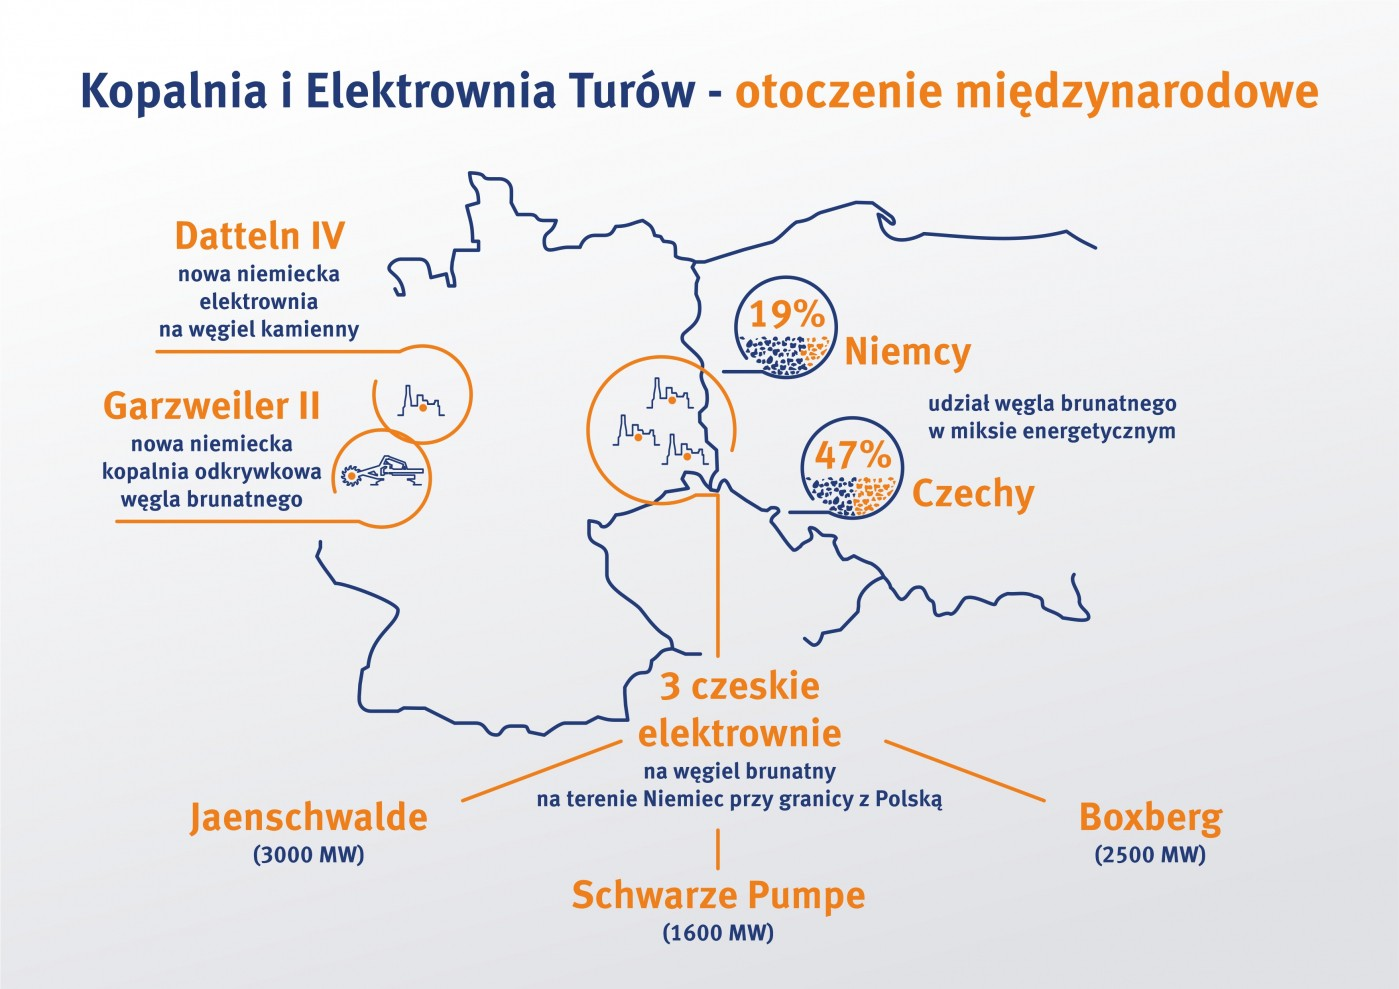 infografika_otoczenie-miedzynarodowe_turow.jpg